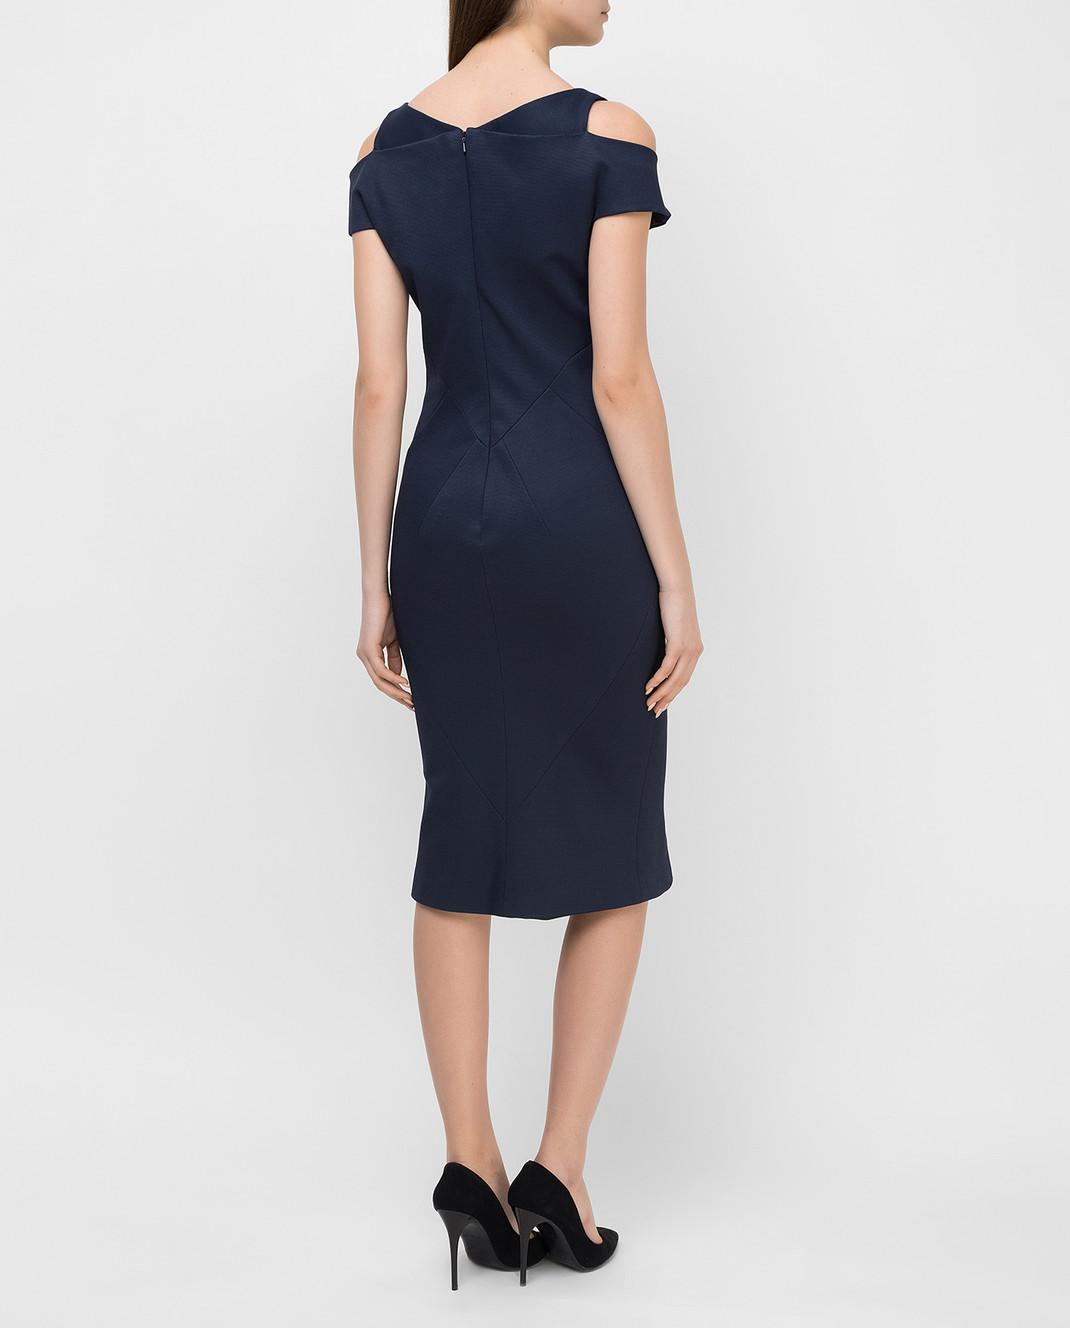 Zac Posen Темно-синее платье 40548253 изображение 4